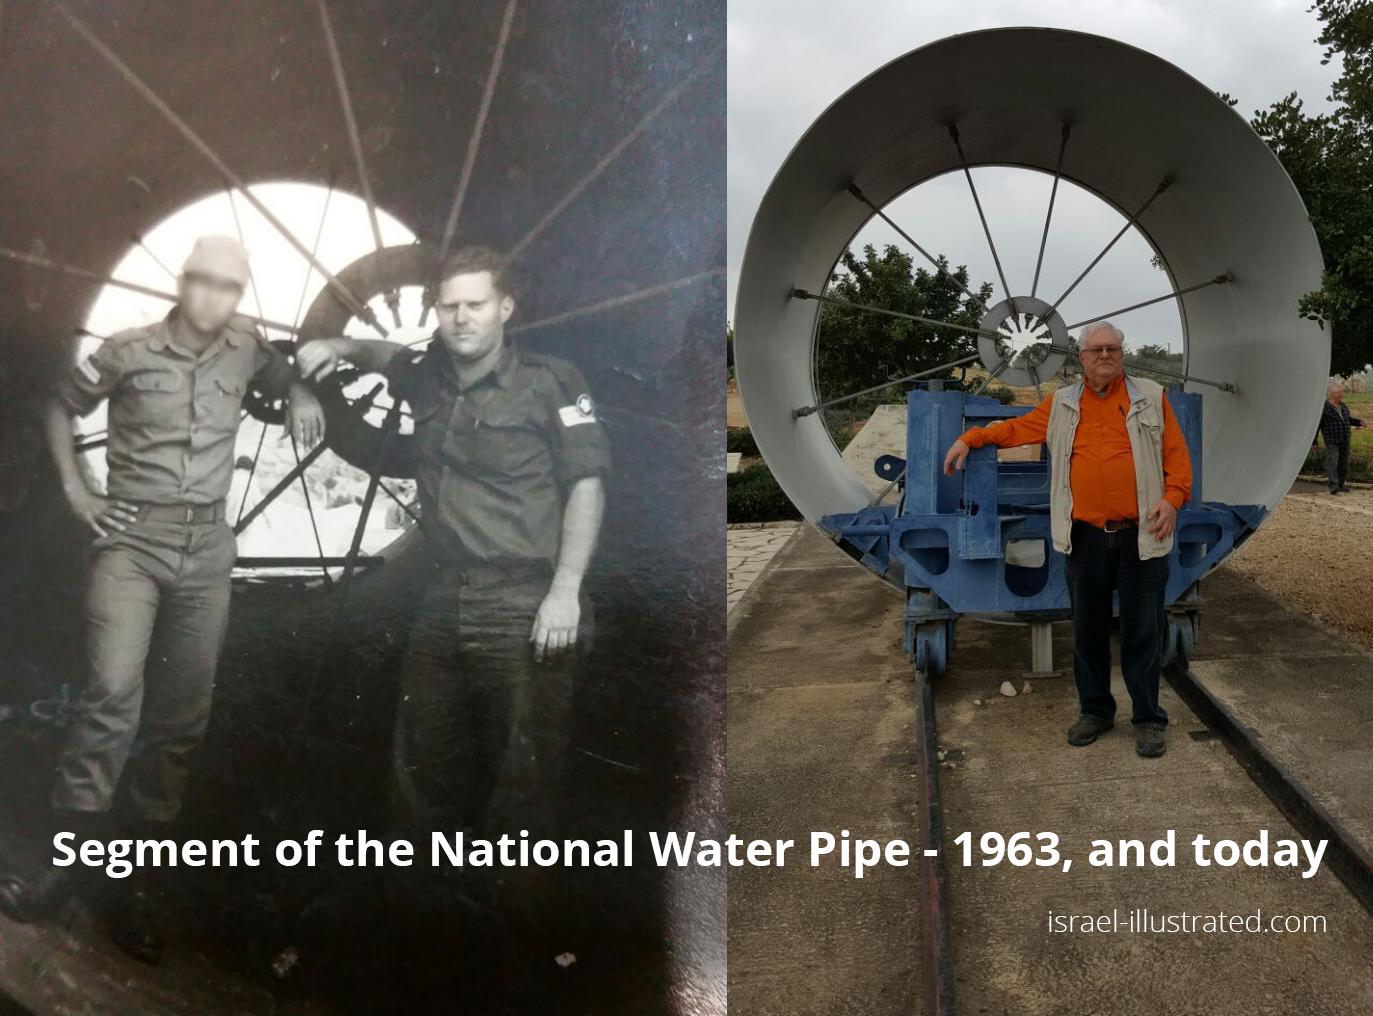 Israeli national water pipe